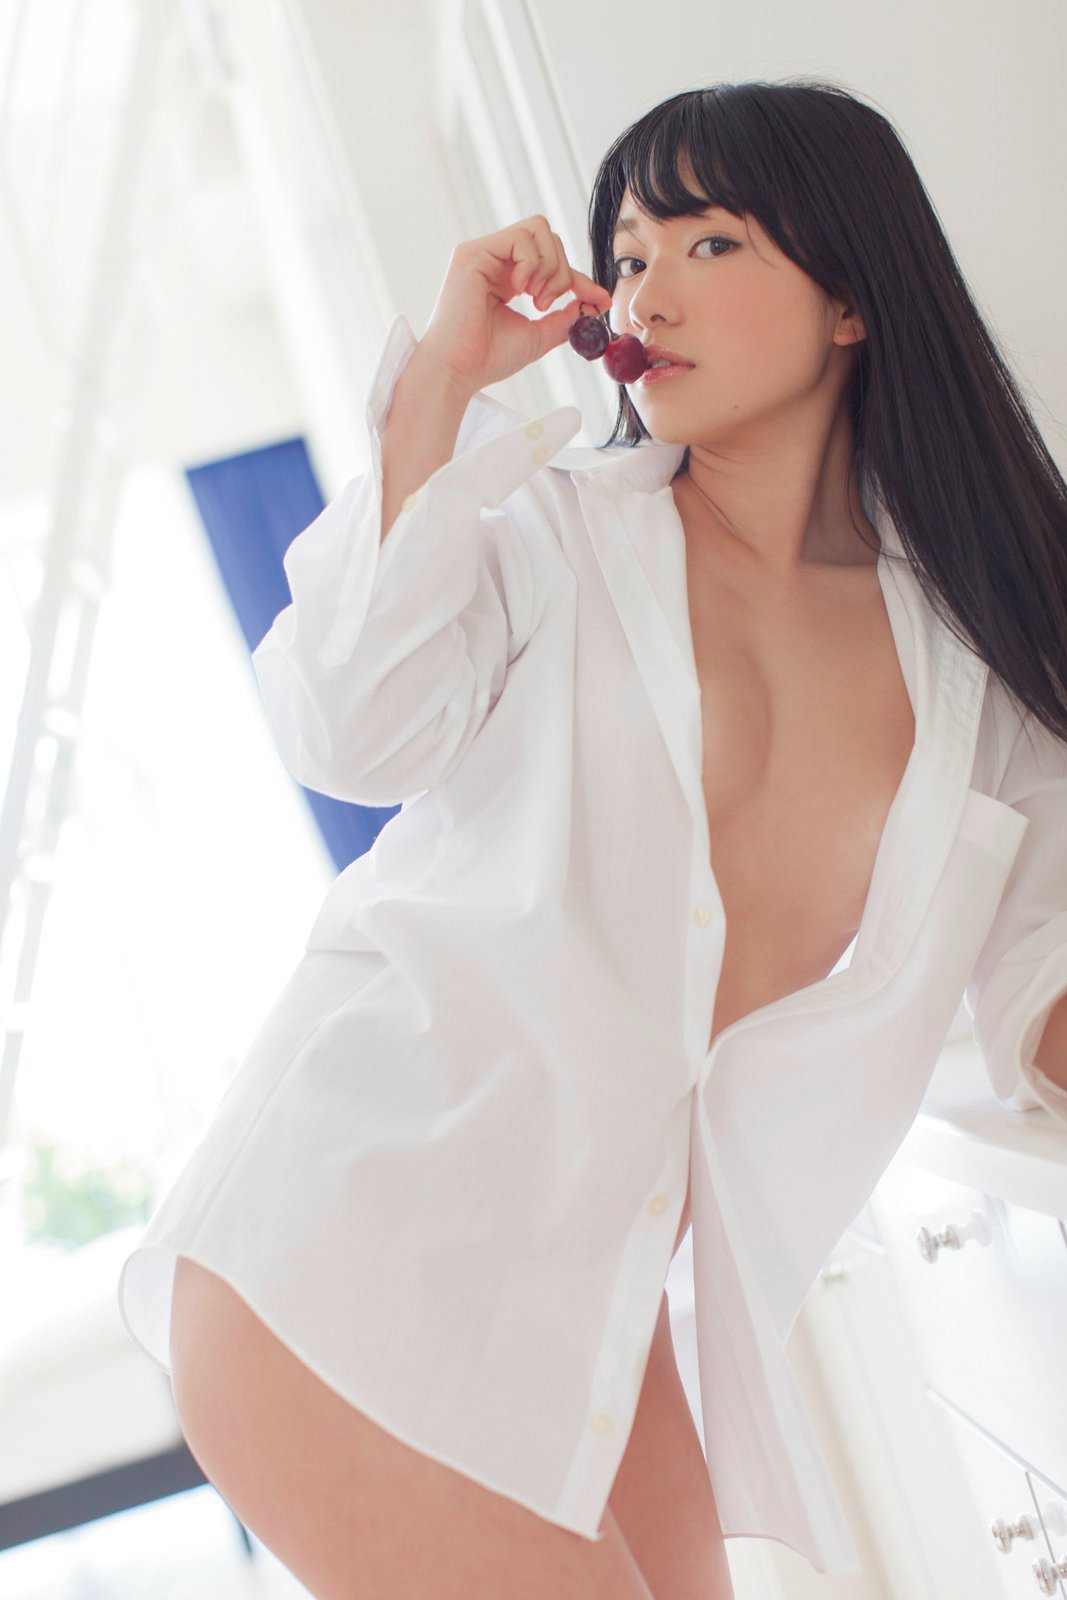 裸に白シャツという男の願望みたいな格好 (12)